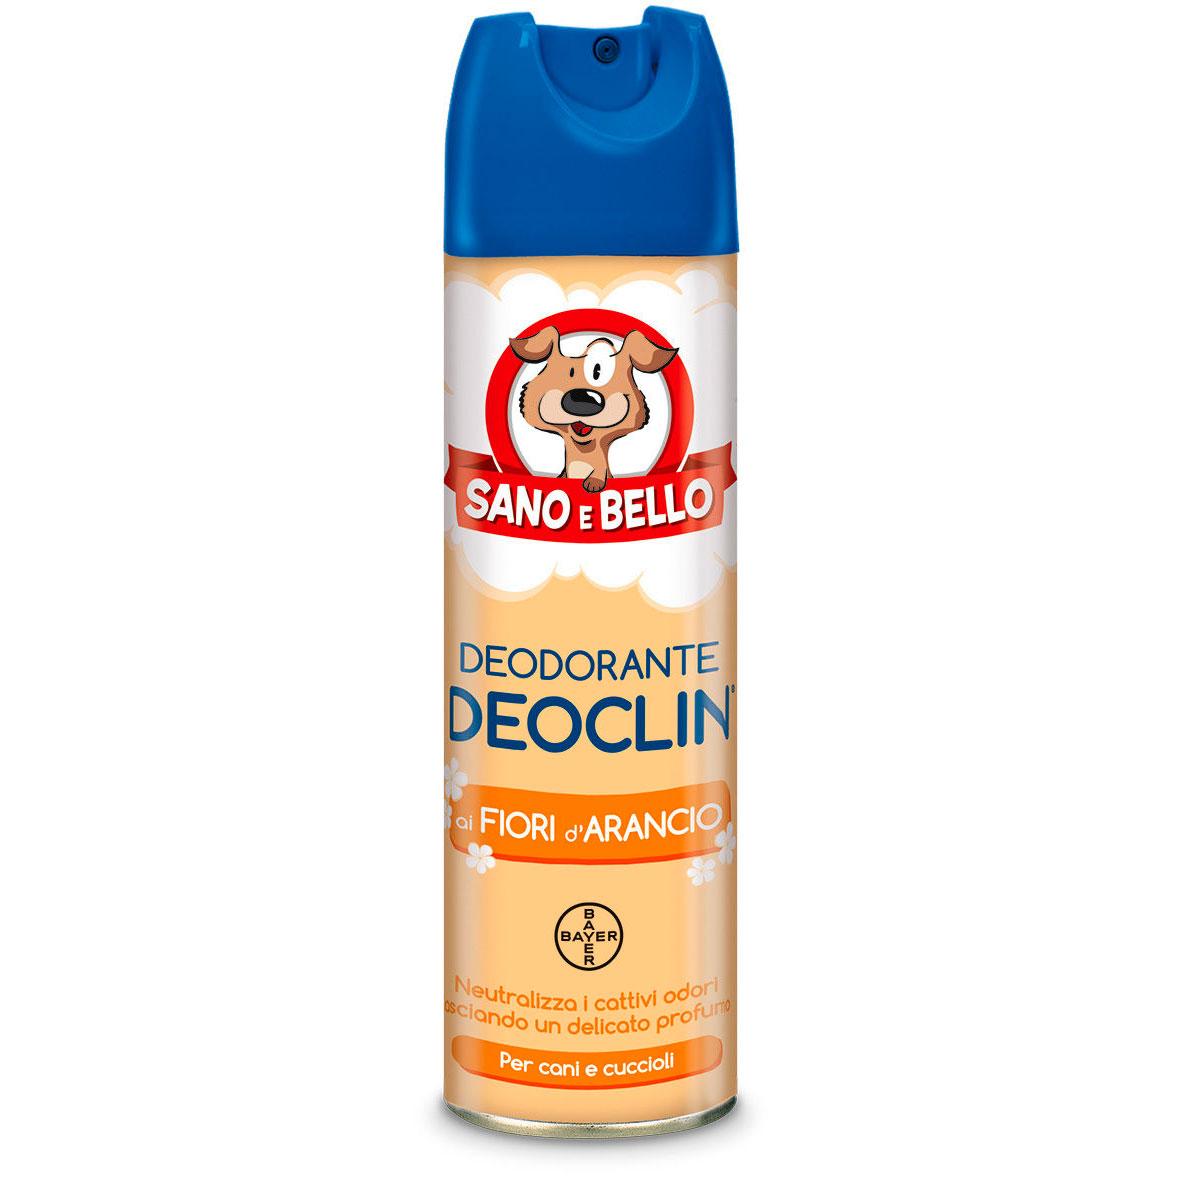 DEOCLIN DEODORANTE ASSORBI ODORI 250ml